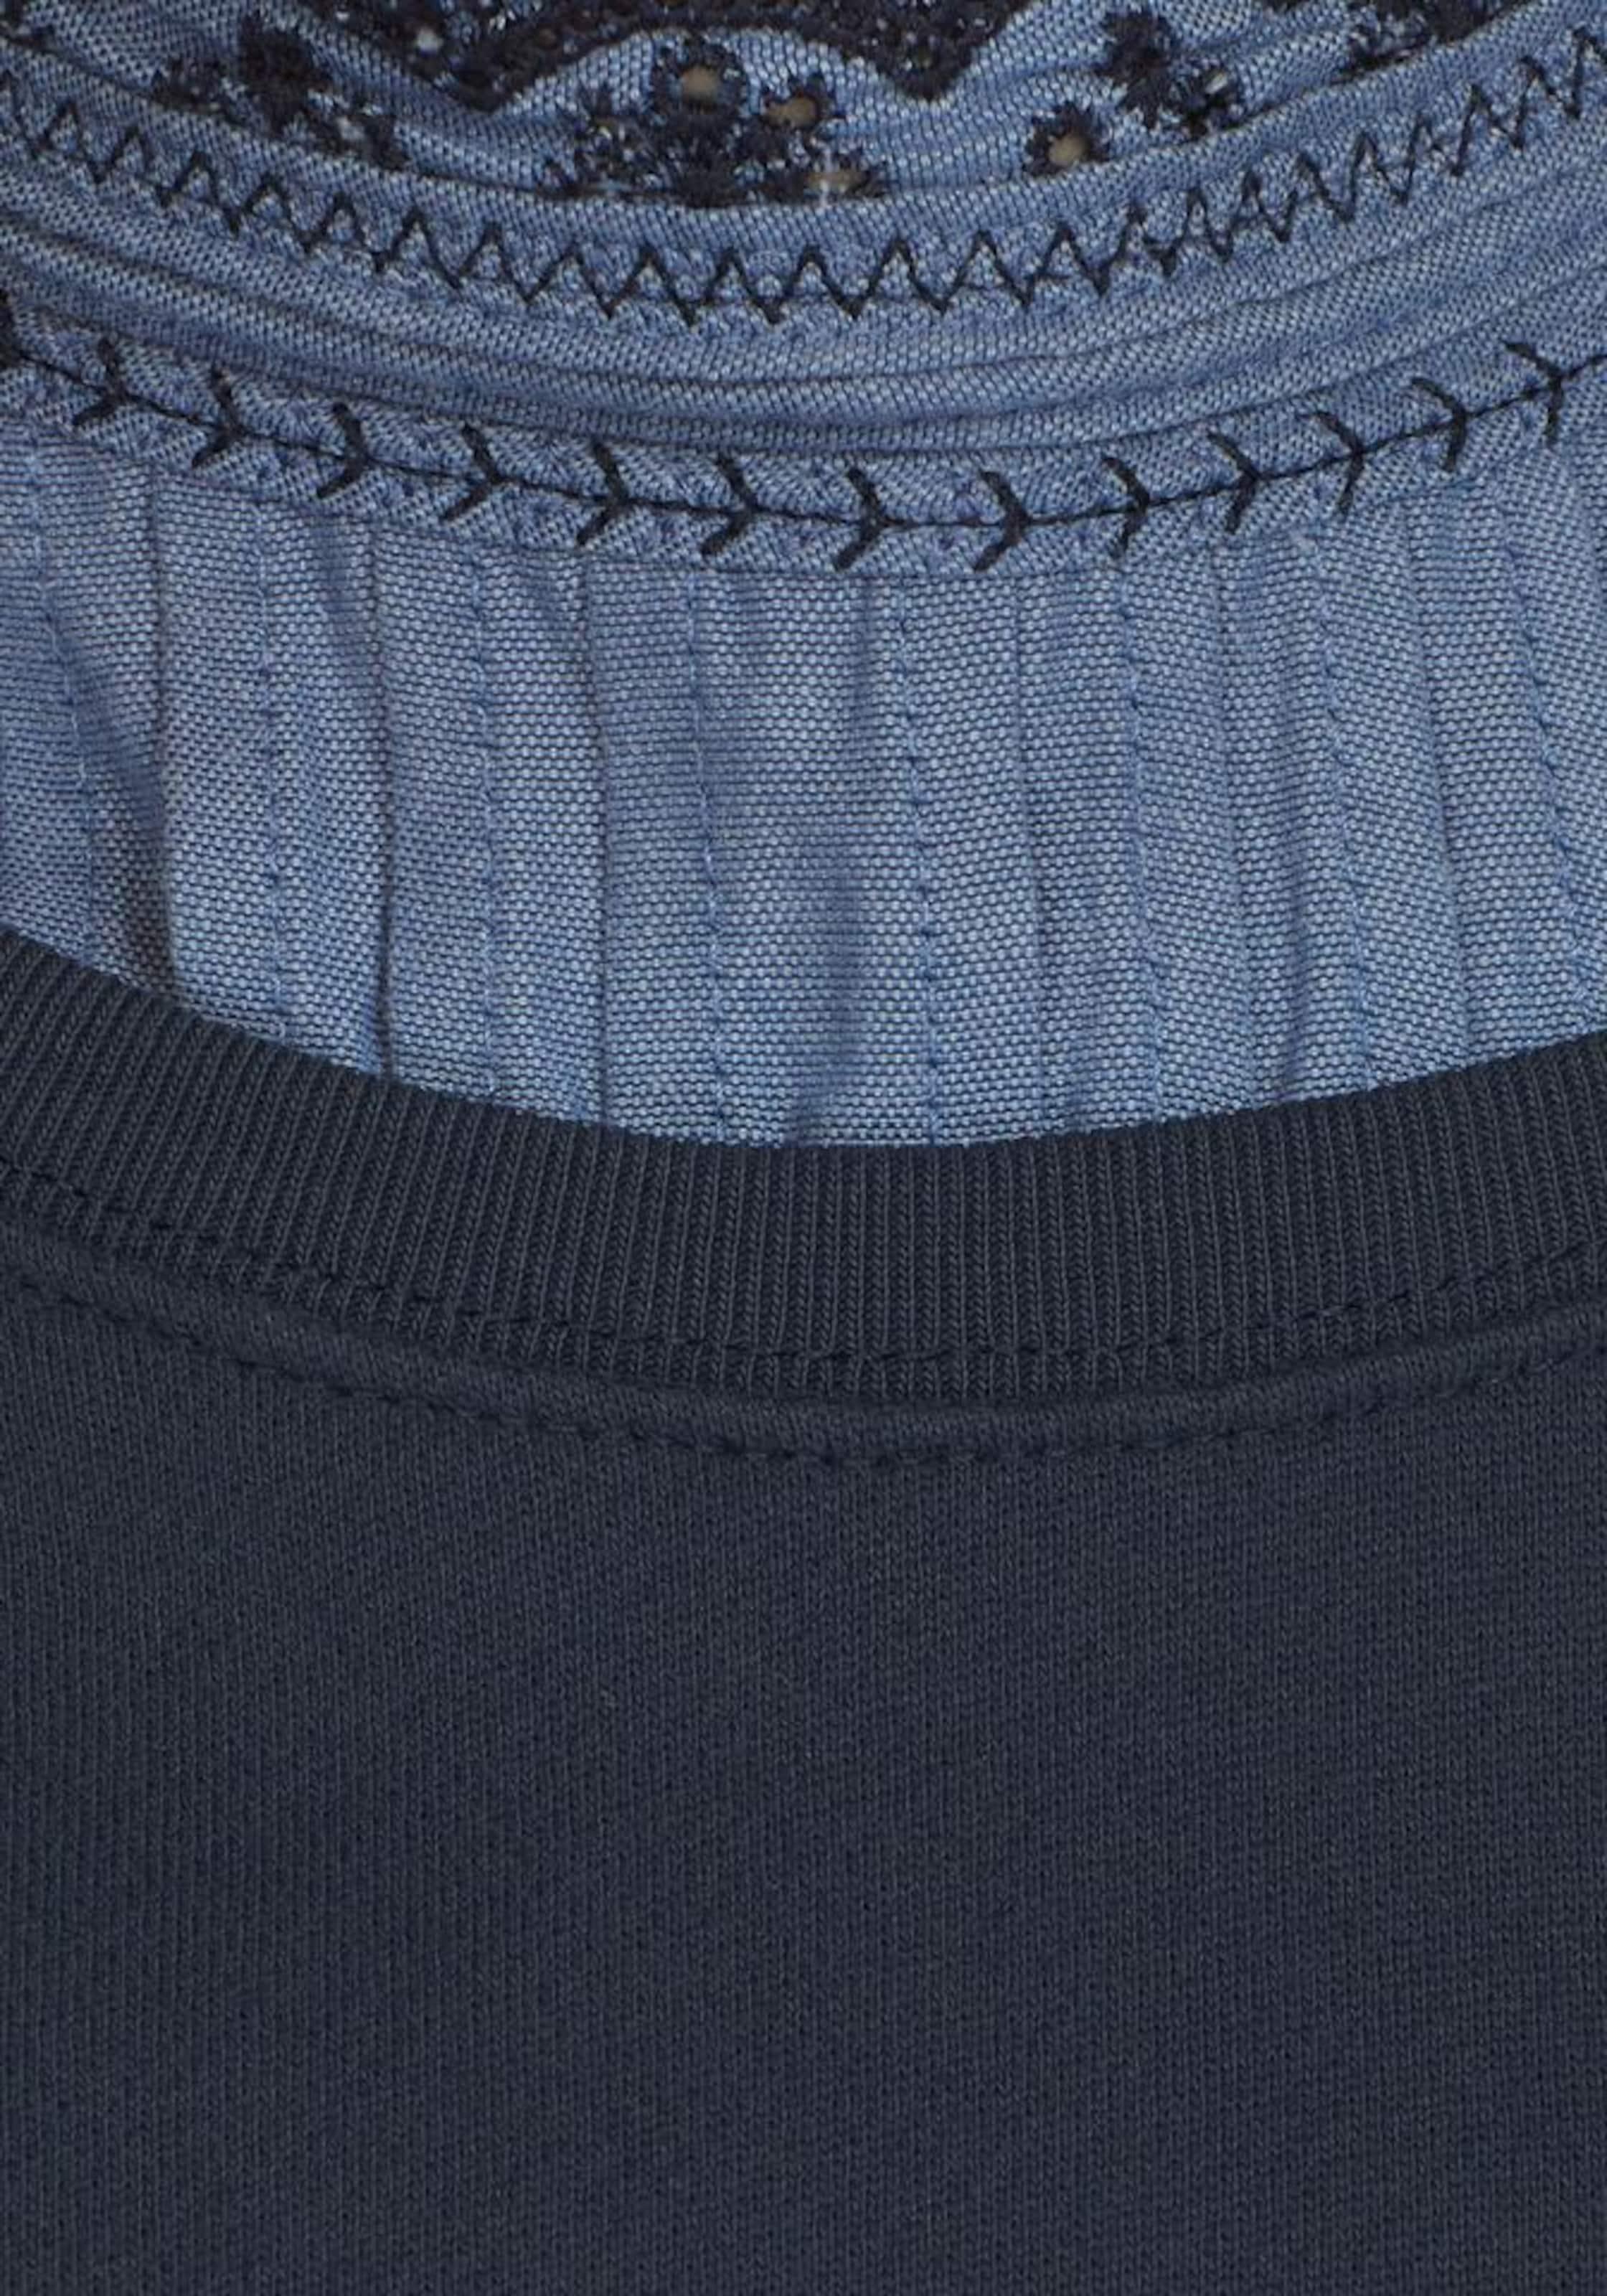 Pick Ein Besten Zum Verkauf SCOTCH & SODA Sweatshirt Fälschen Zum Verkauf Billig Verkauf Beliebt Brandneues Unisex Günstiger Preis Erhalten Authentisch Günstig Online hcn1EY5C7